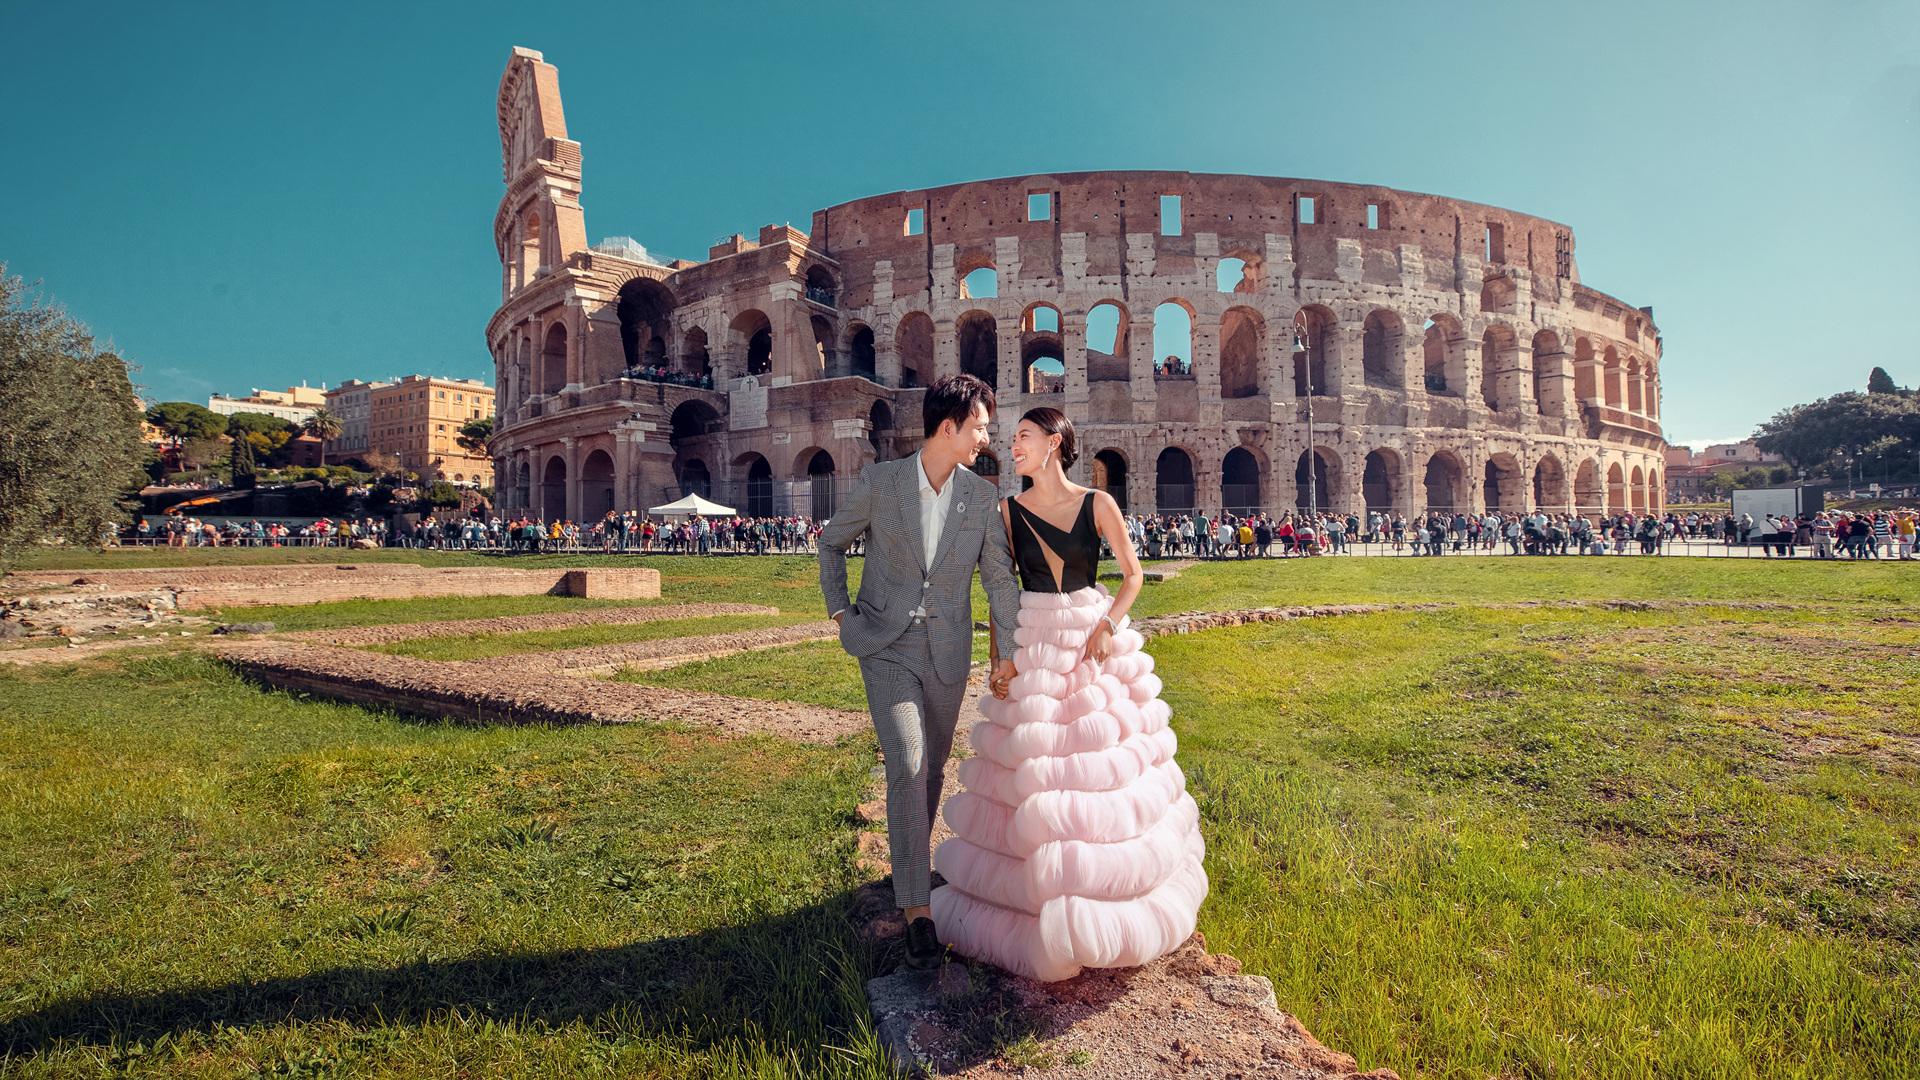 主题婚纱照怎么选主题 厦门婚纱照主题选择攻略